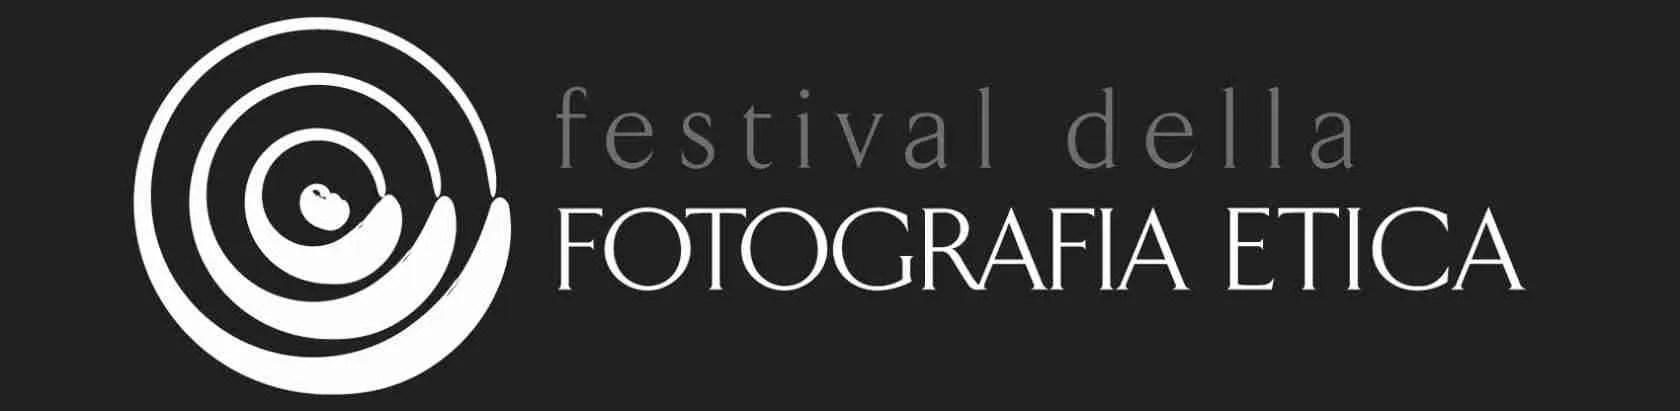 Durante il Festival della Fotografia Etica di Lodi, in città arrivano moltissime escort Lodi.